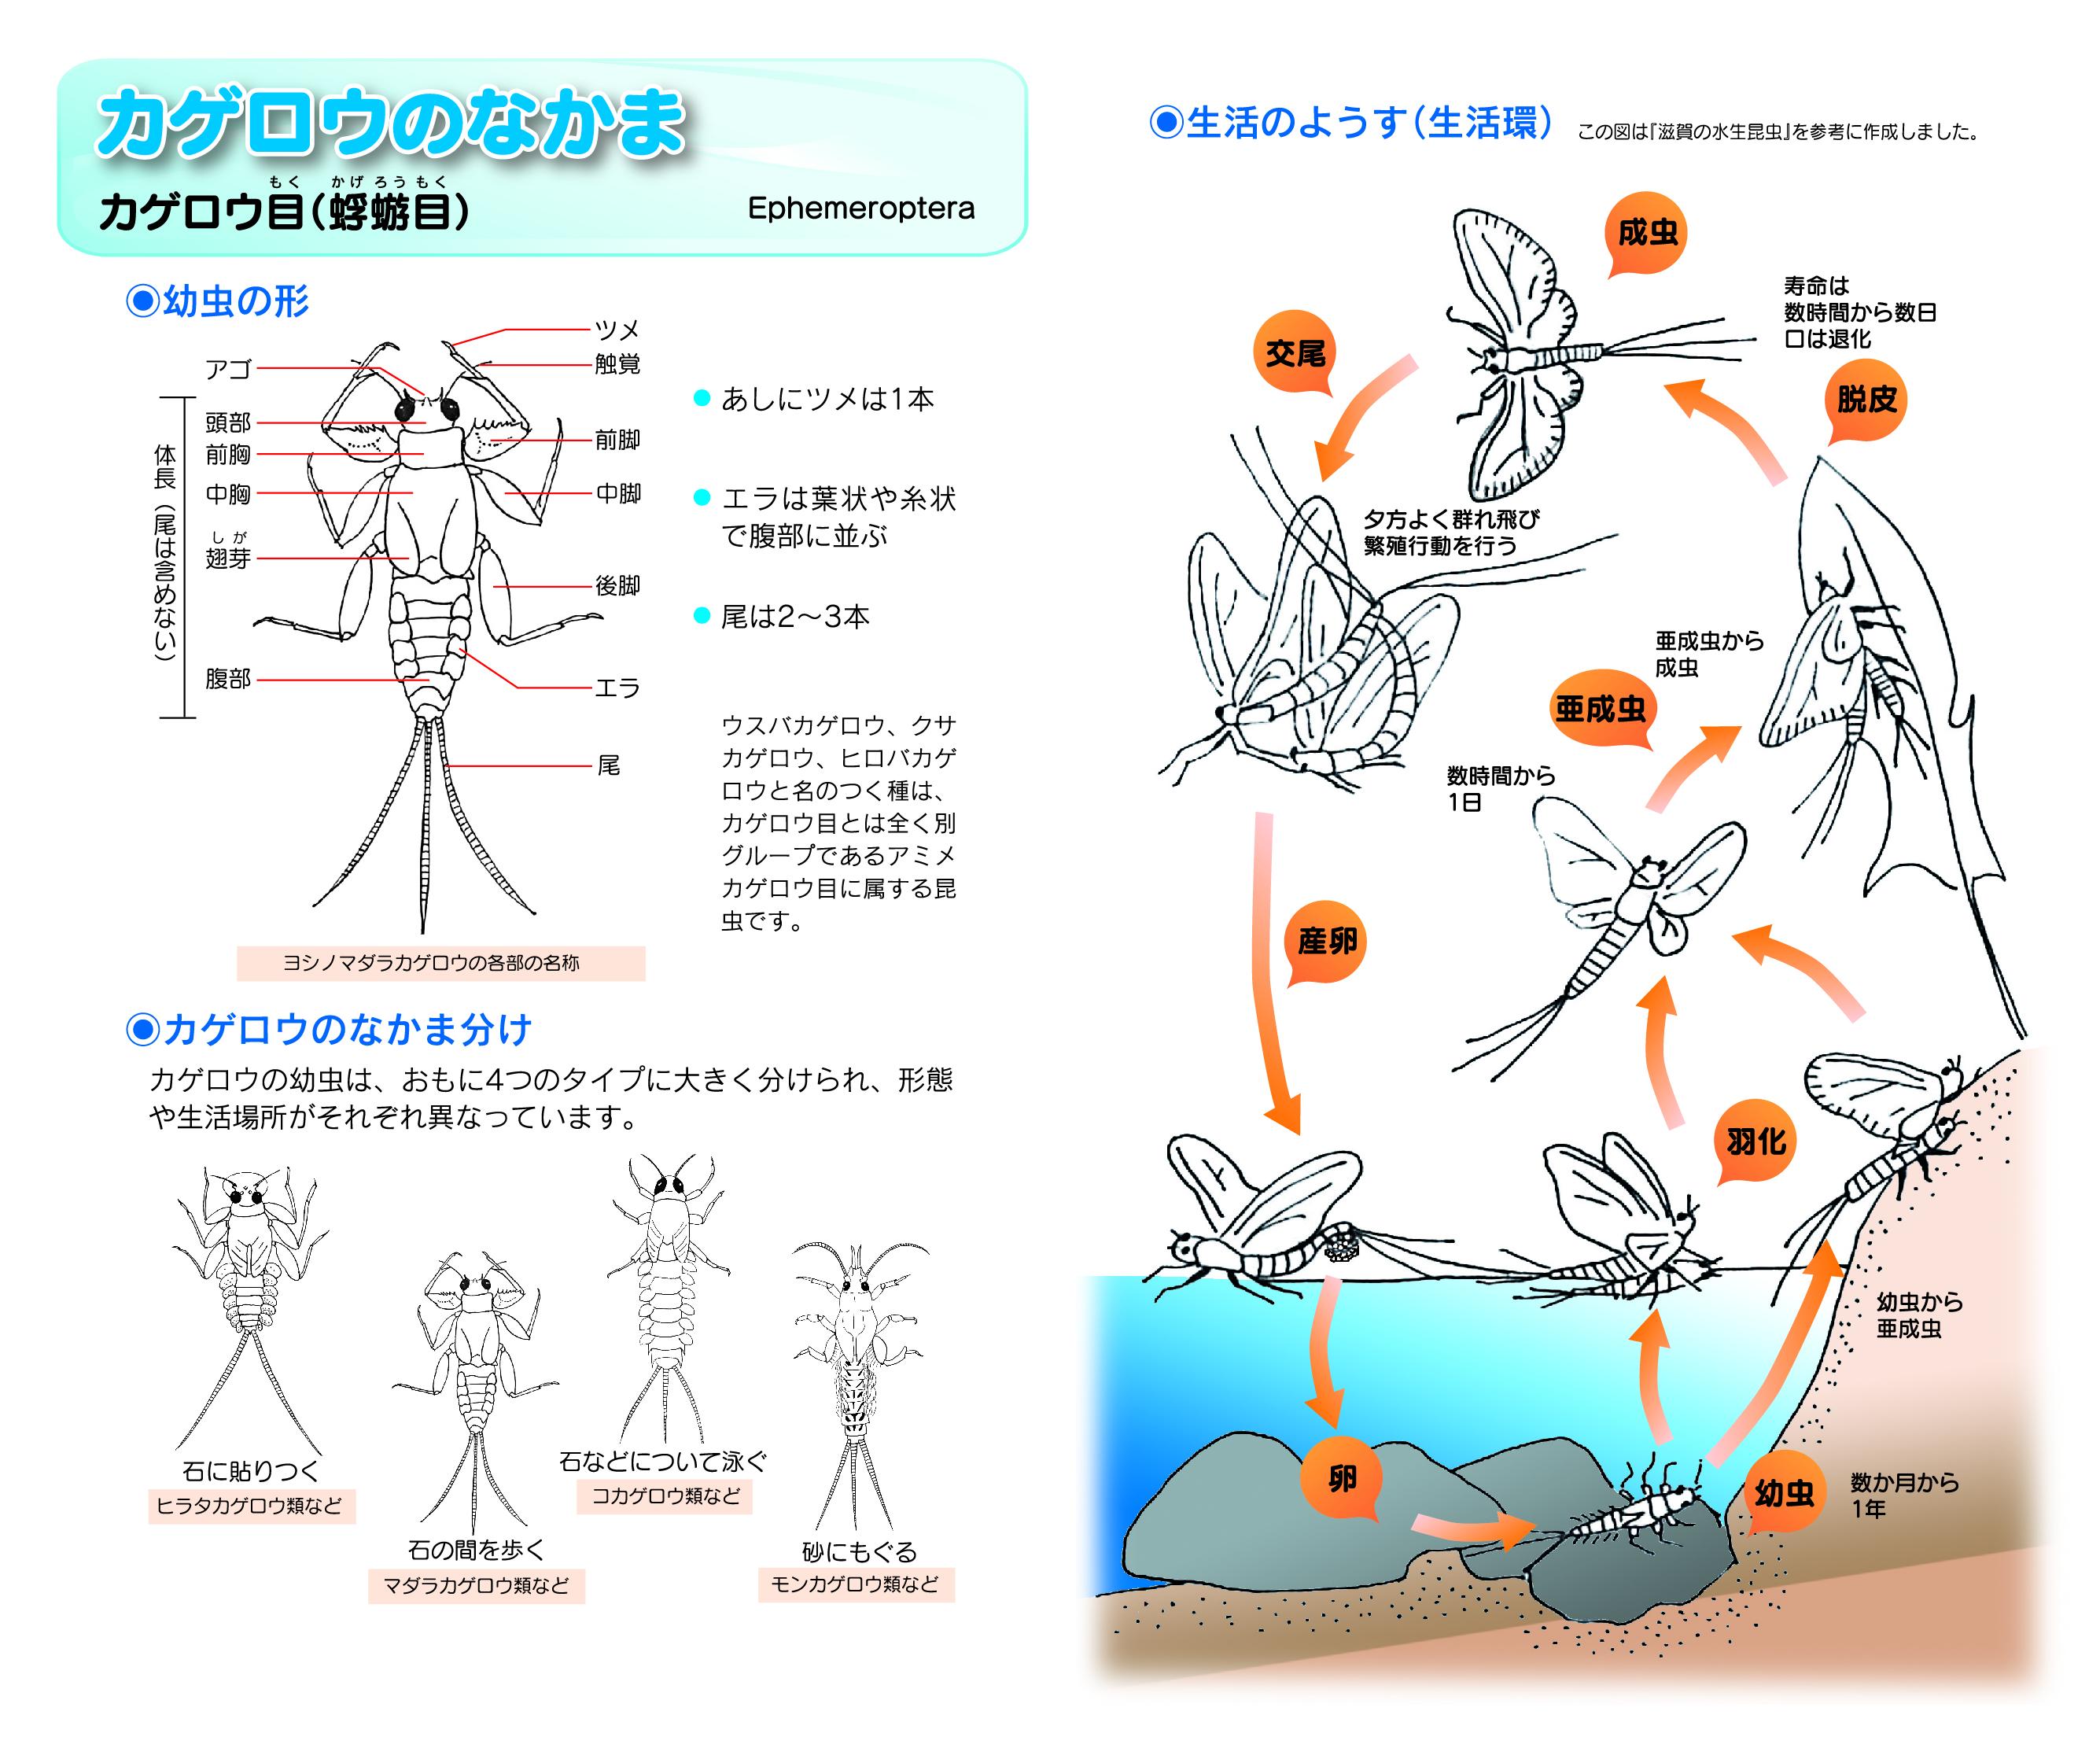 01-000-カゲロウのなかま 幼虫の形や生活のようす